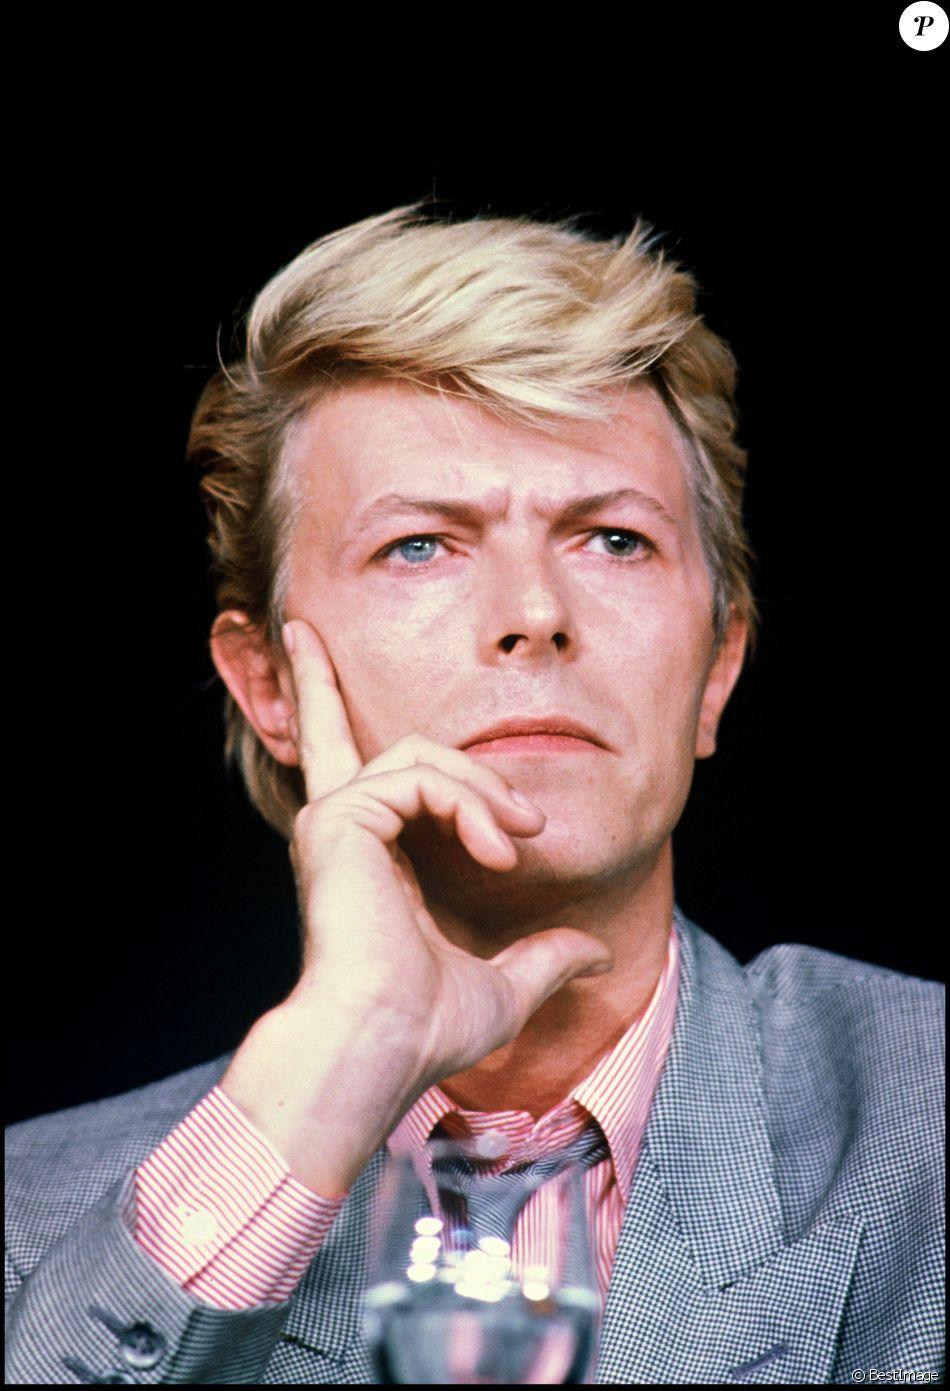 David Bowie à Cannes en 1983